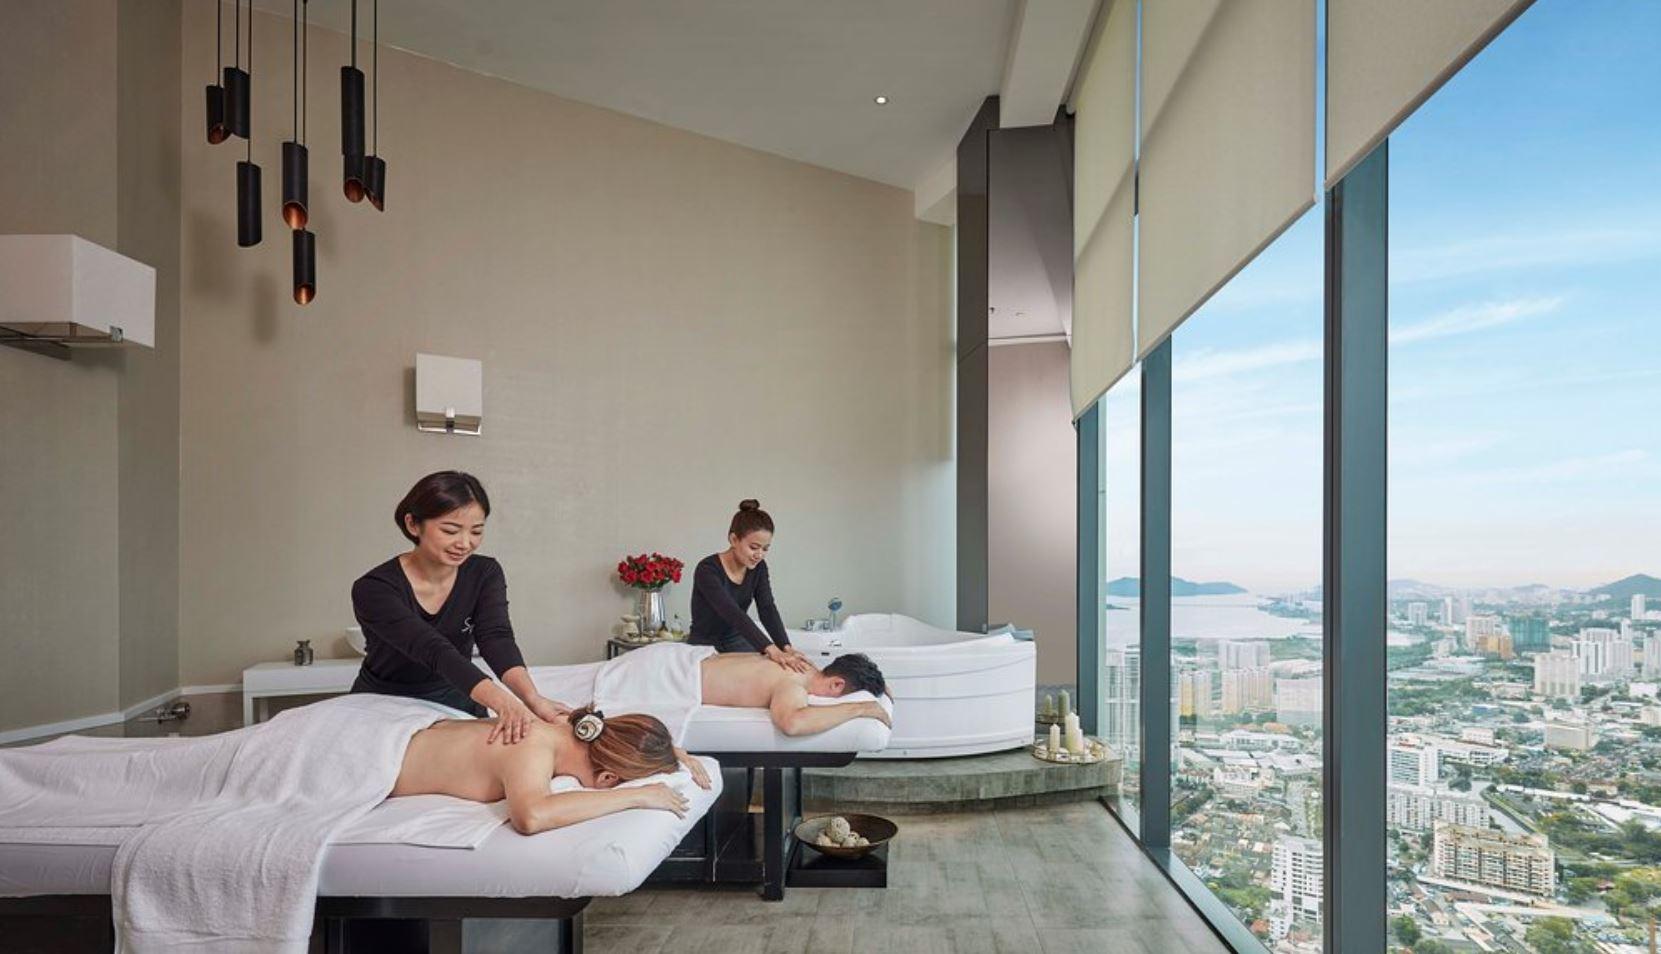 2020 馬來西亞按摩挑哪一家?檳城按摩桑拿SPA推薦-按摩中心懶人包整理 @東南亞投資報告